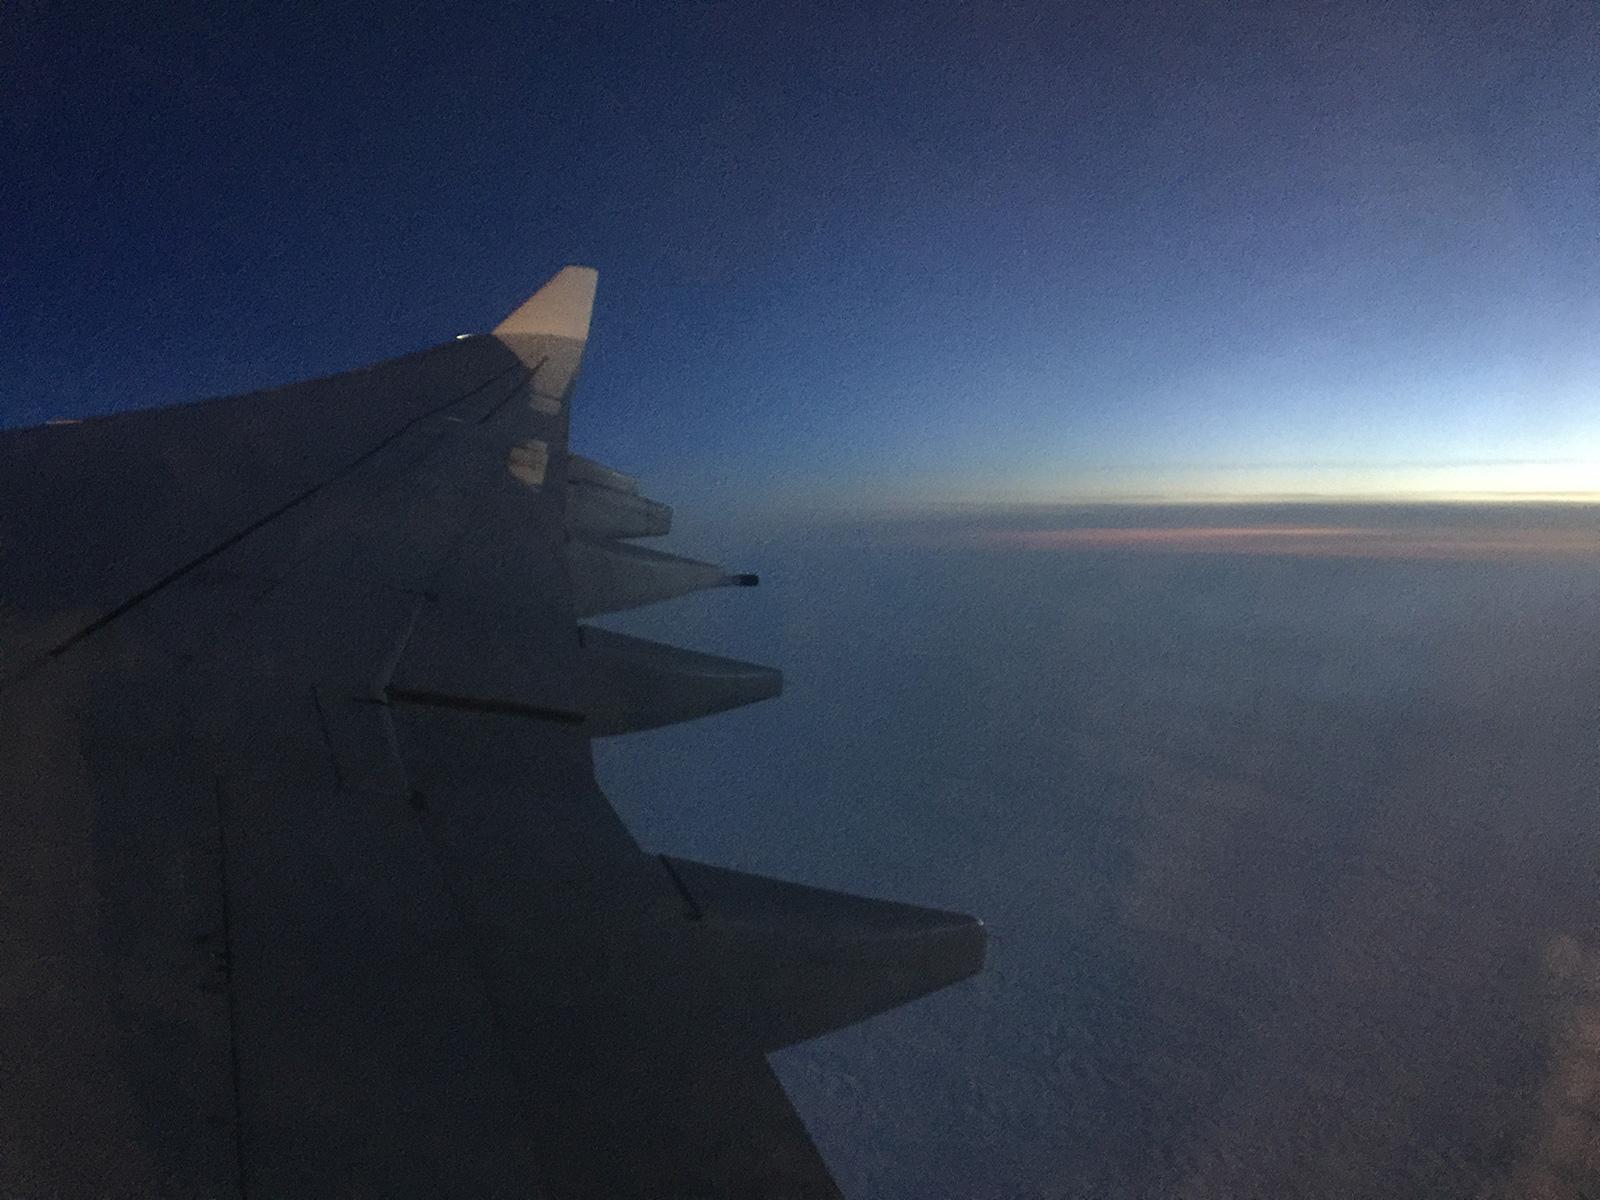 Vuelo de Iberia a Tokio por la noche